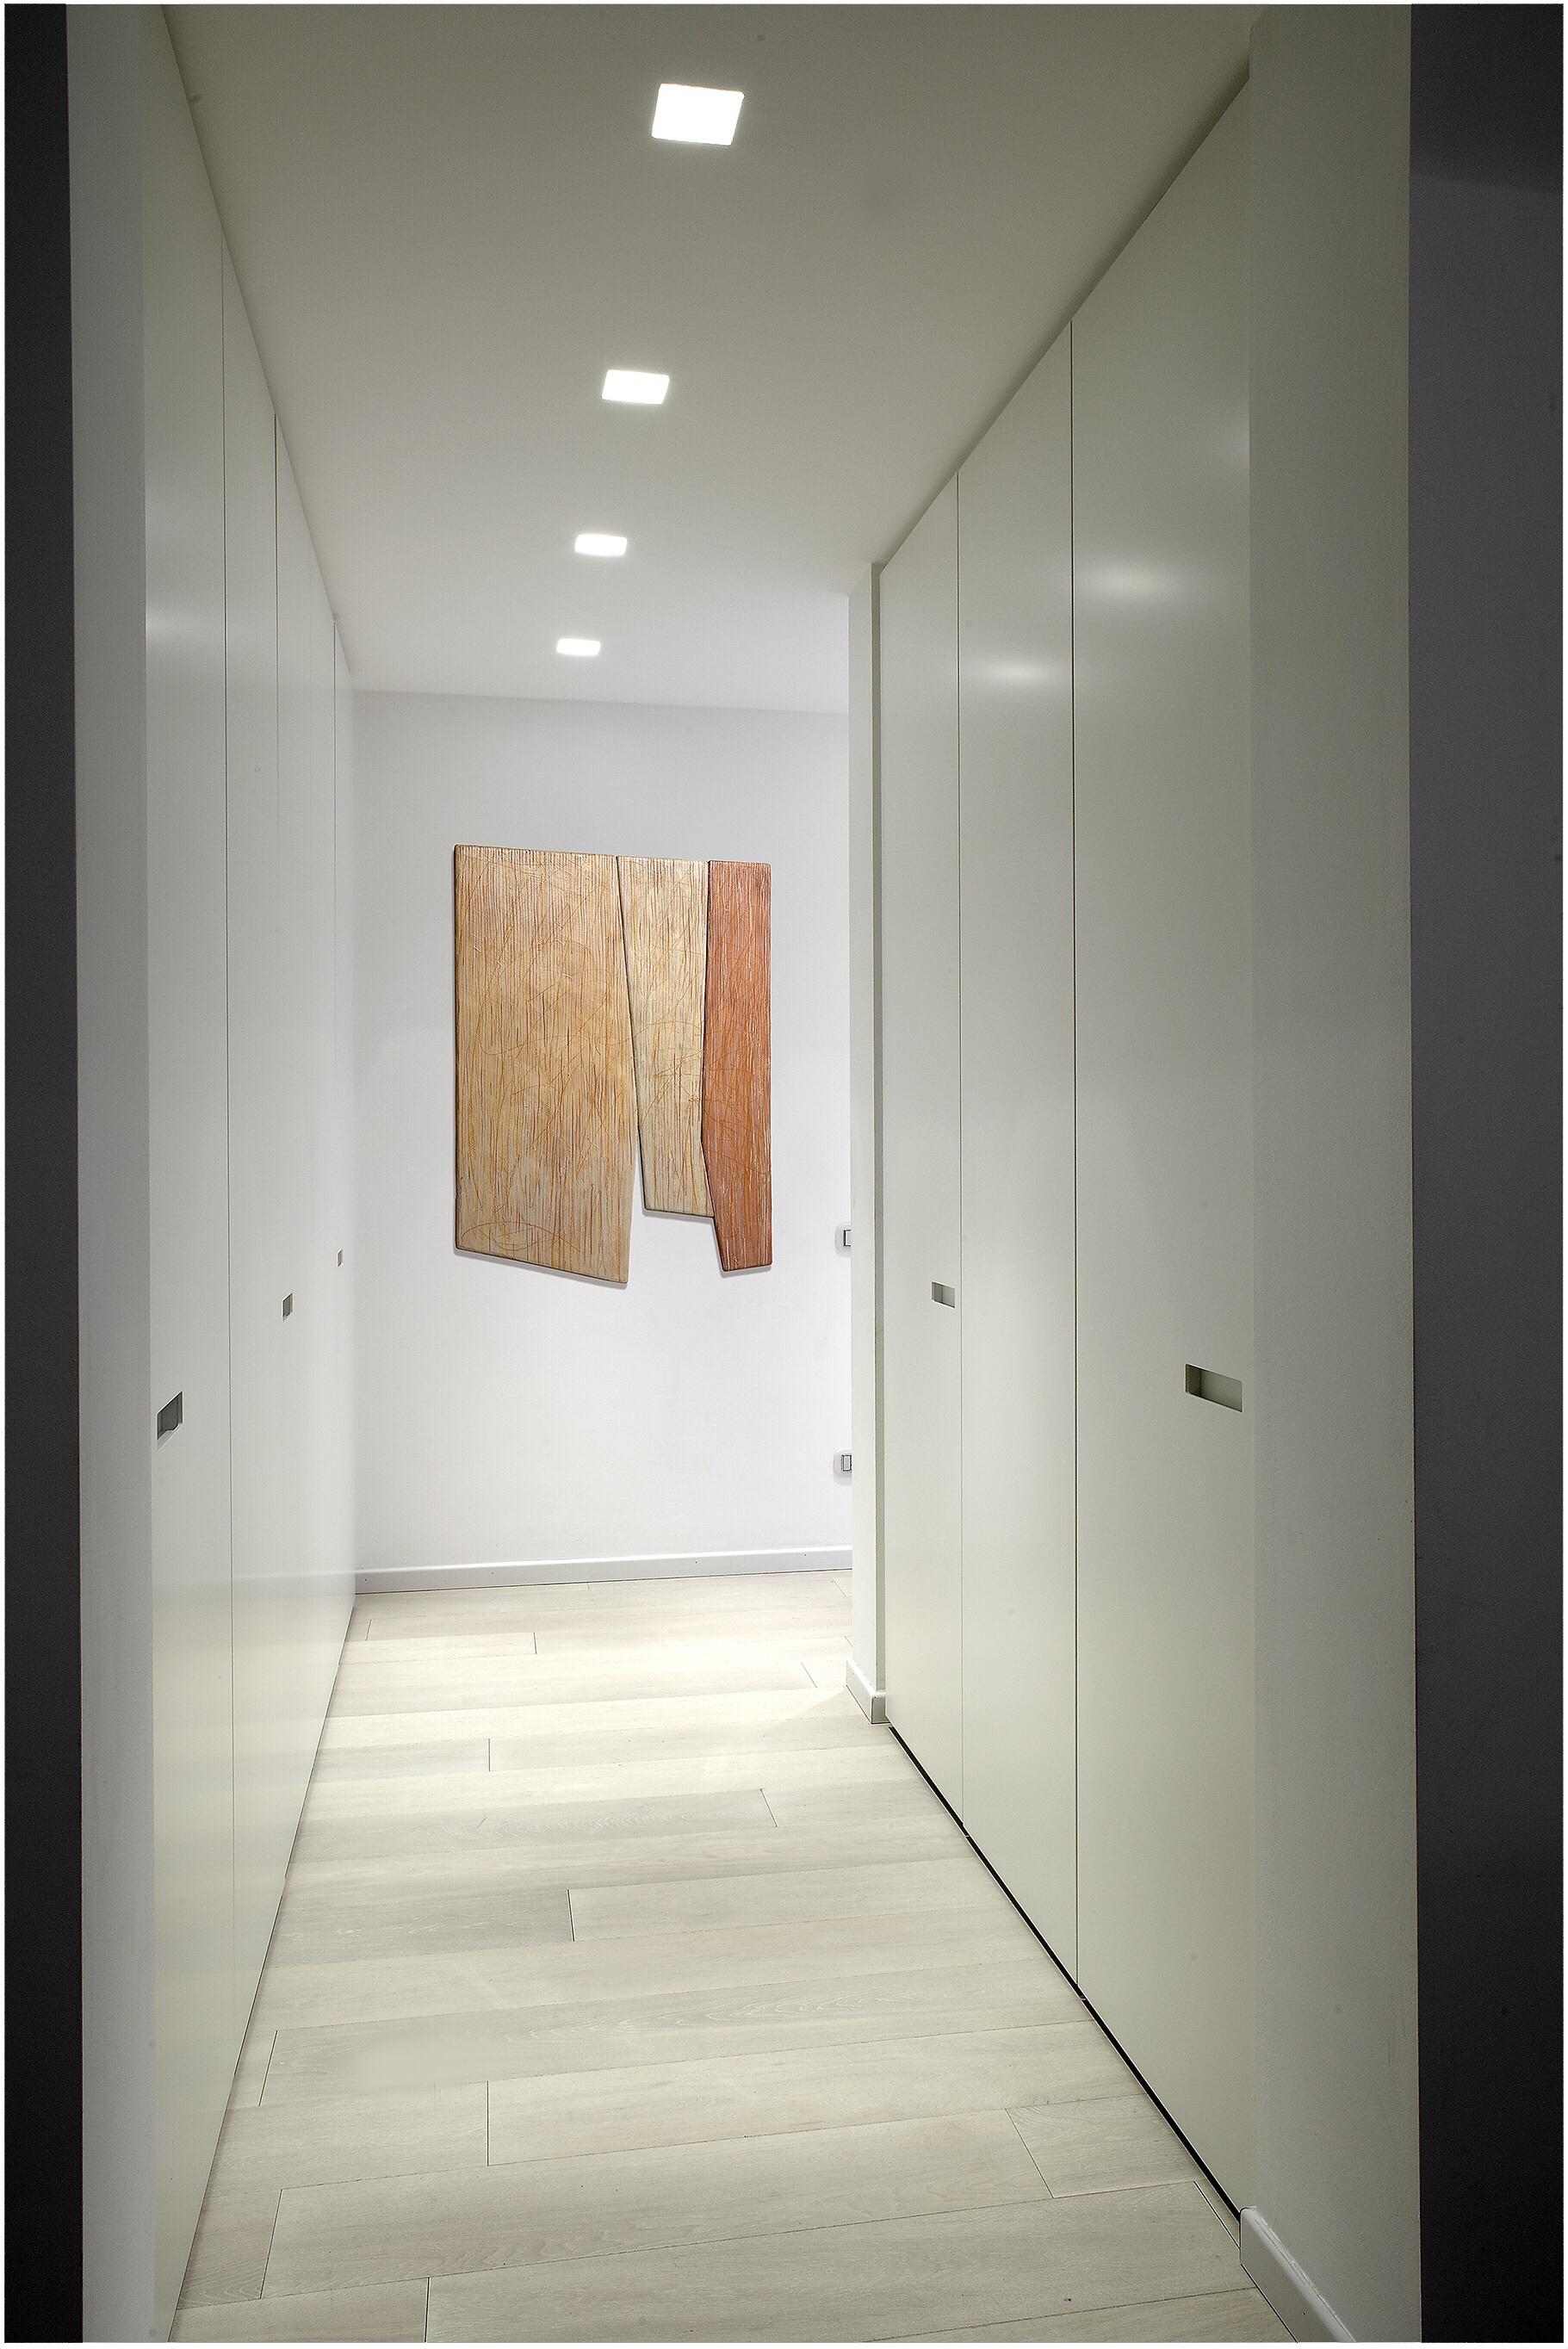 Il corridoio. Lungo, corto, largo o stretto?  SPAZIO soluzioni